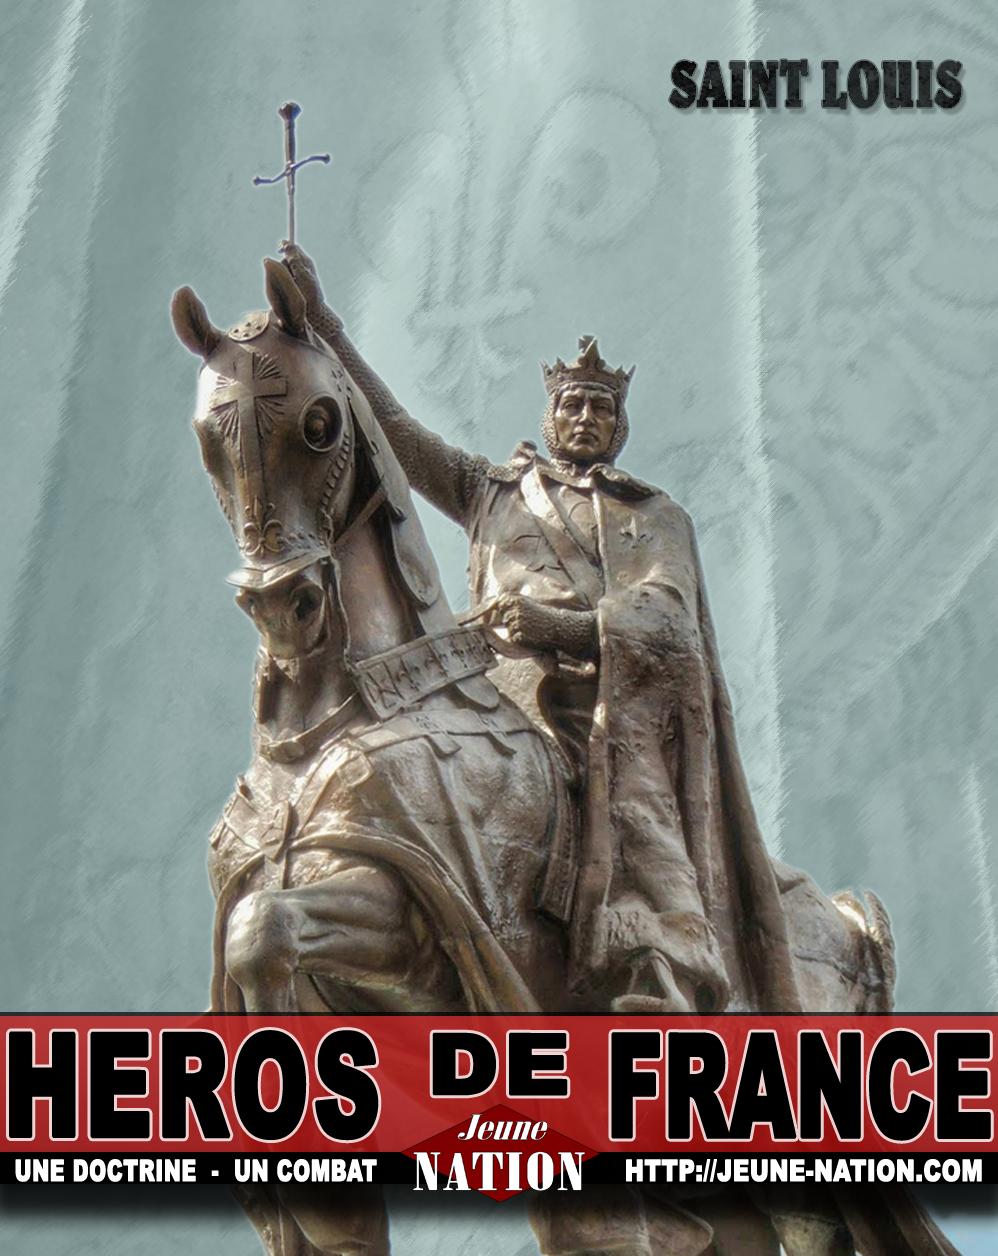 heros-de-france-saint-louis-jeune-nation-